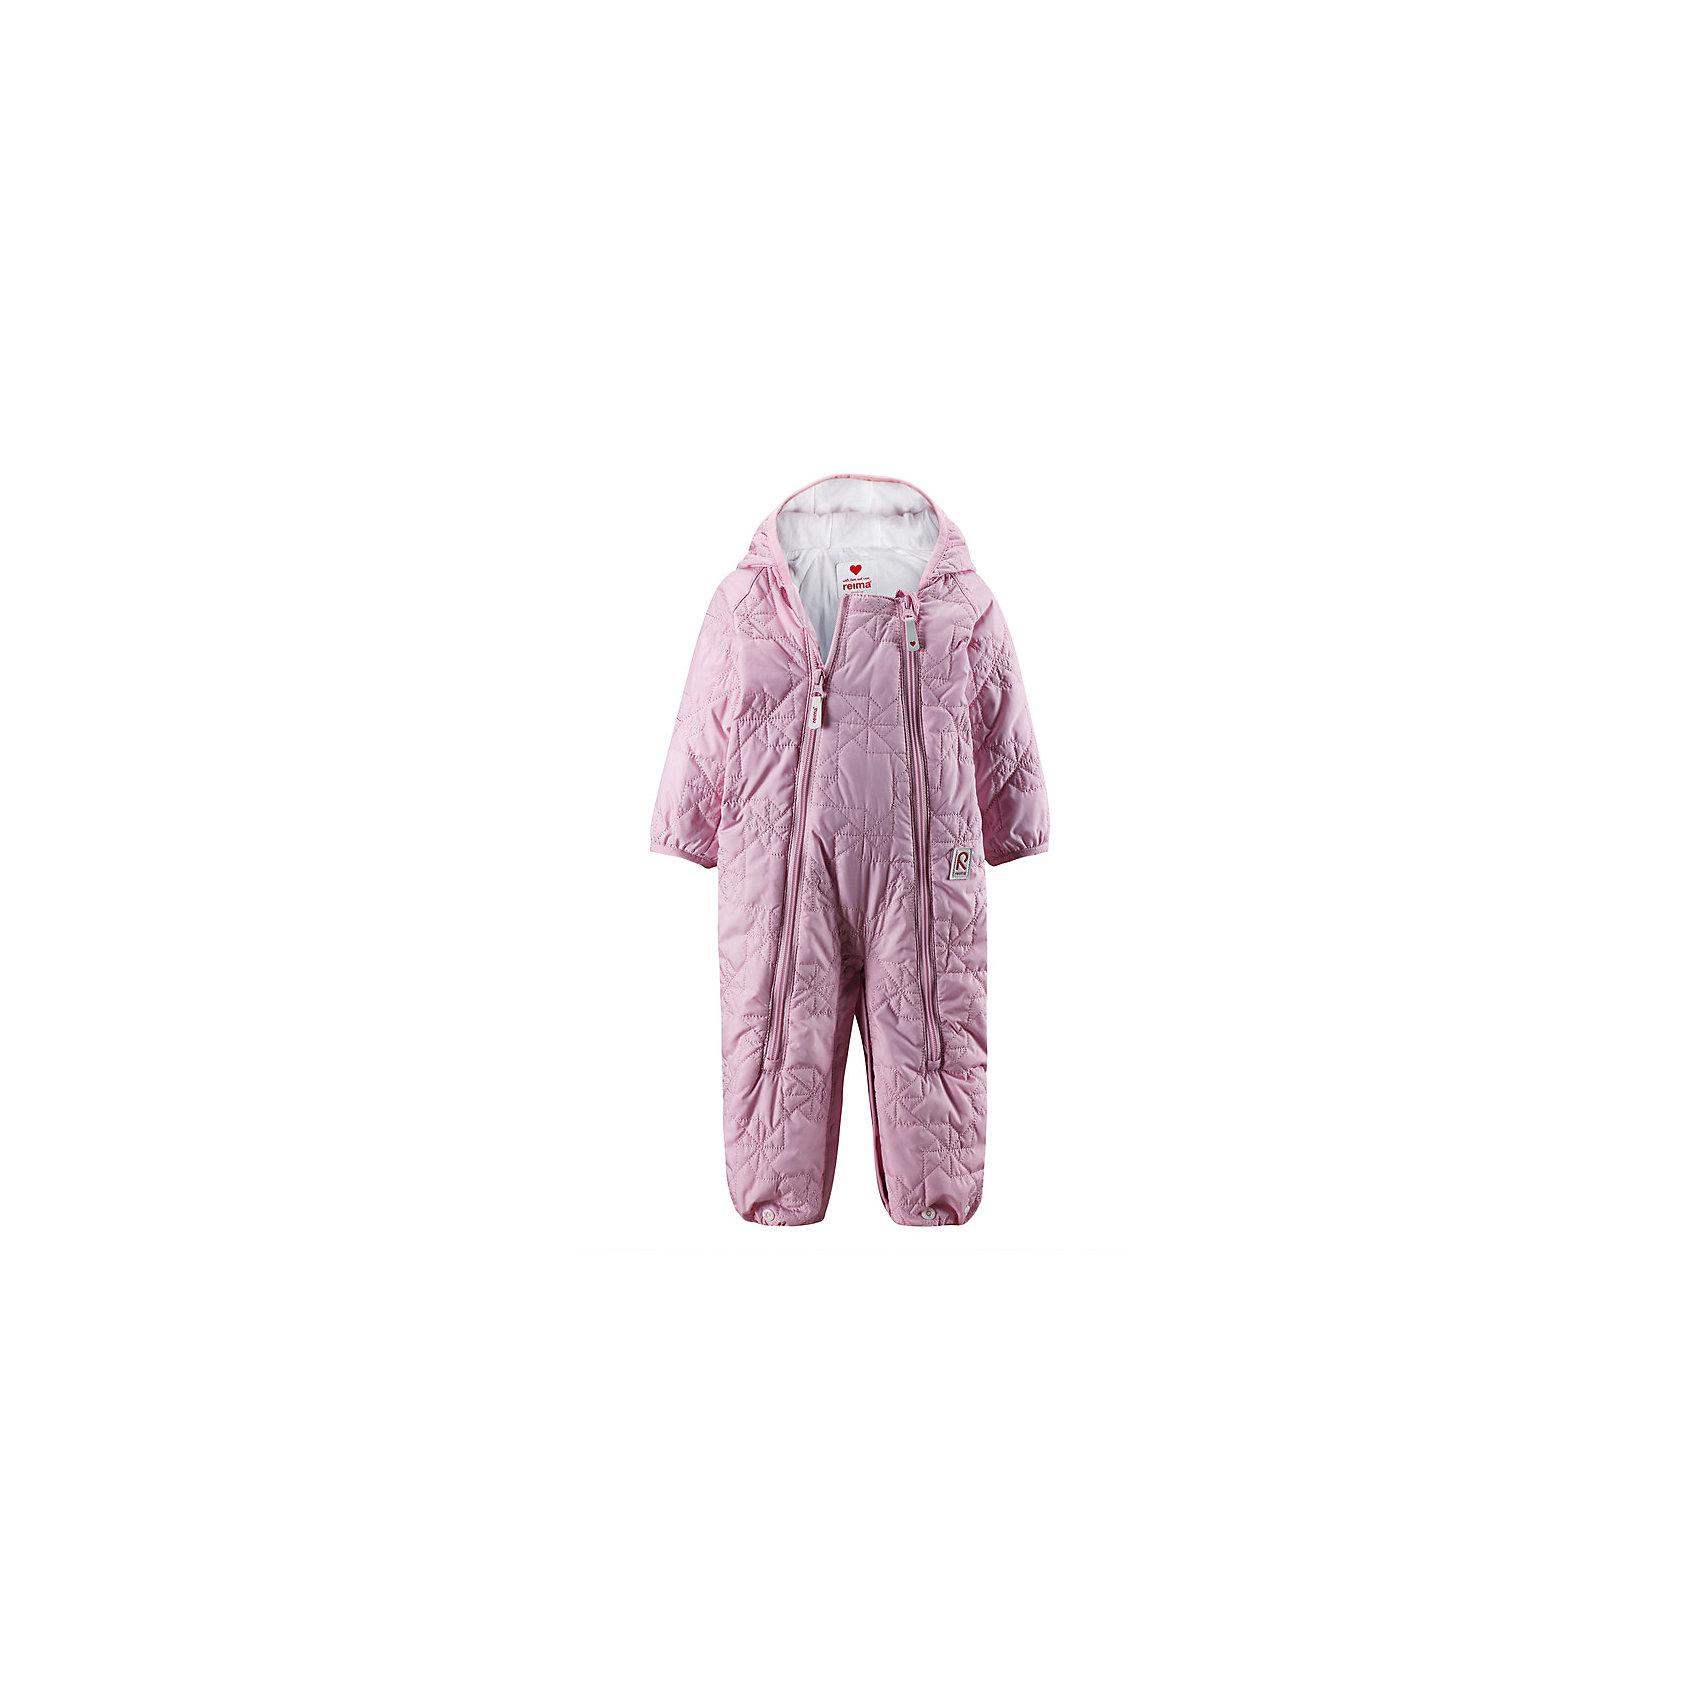 Комбинезон  для девочки ReimaОдежда<br>Комбинезон от популярной финской марки Reima.<br>-Стеганный комбинезон для новорожденных с легким утеплителем<br>-Может трансформироваться в конверт<br>-Две длинные молнии для удобства одевания<br>-Концы рукавов и брючин внахлест<br><br>Состав:100% Полиэстер<br><br>Ширина мм: 356<br>Глубина мм: 10<br>Высота мм: 245<br>Вес г: 519<br>Цвет: розовый<br>Возраст от месяцев: 0<br>Возраст до месяцев: 1<br>Пол: Женский<br>Возраст: Детский<br>Размер: 74,62,50<br>SKU: 3997411